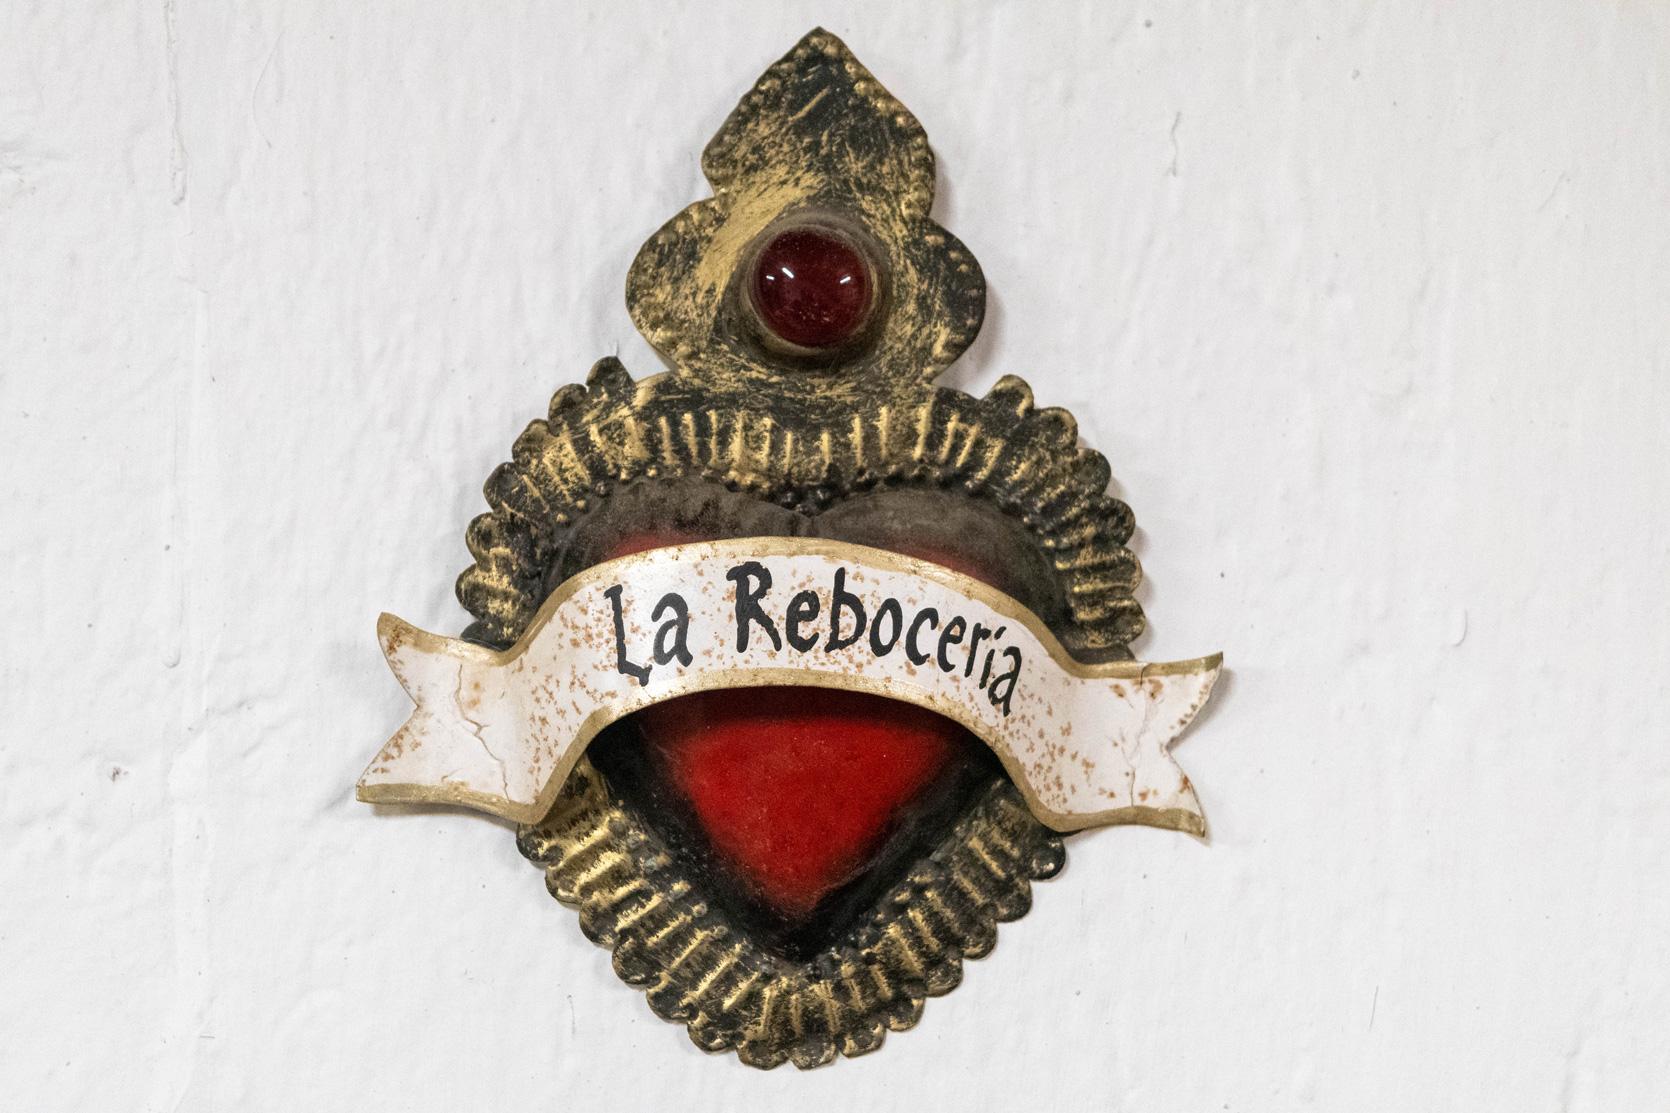 artesanos-mexiquenses-al-rescate-del-rebozo-un-proyecto-de-corazon5